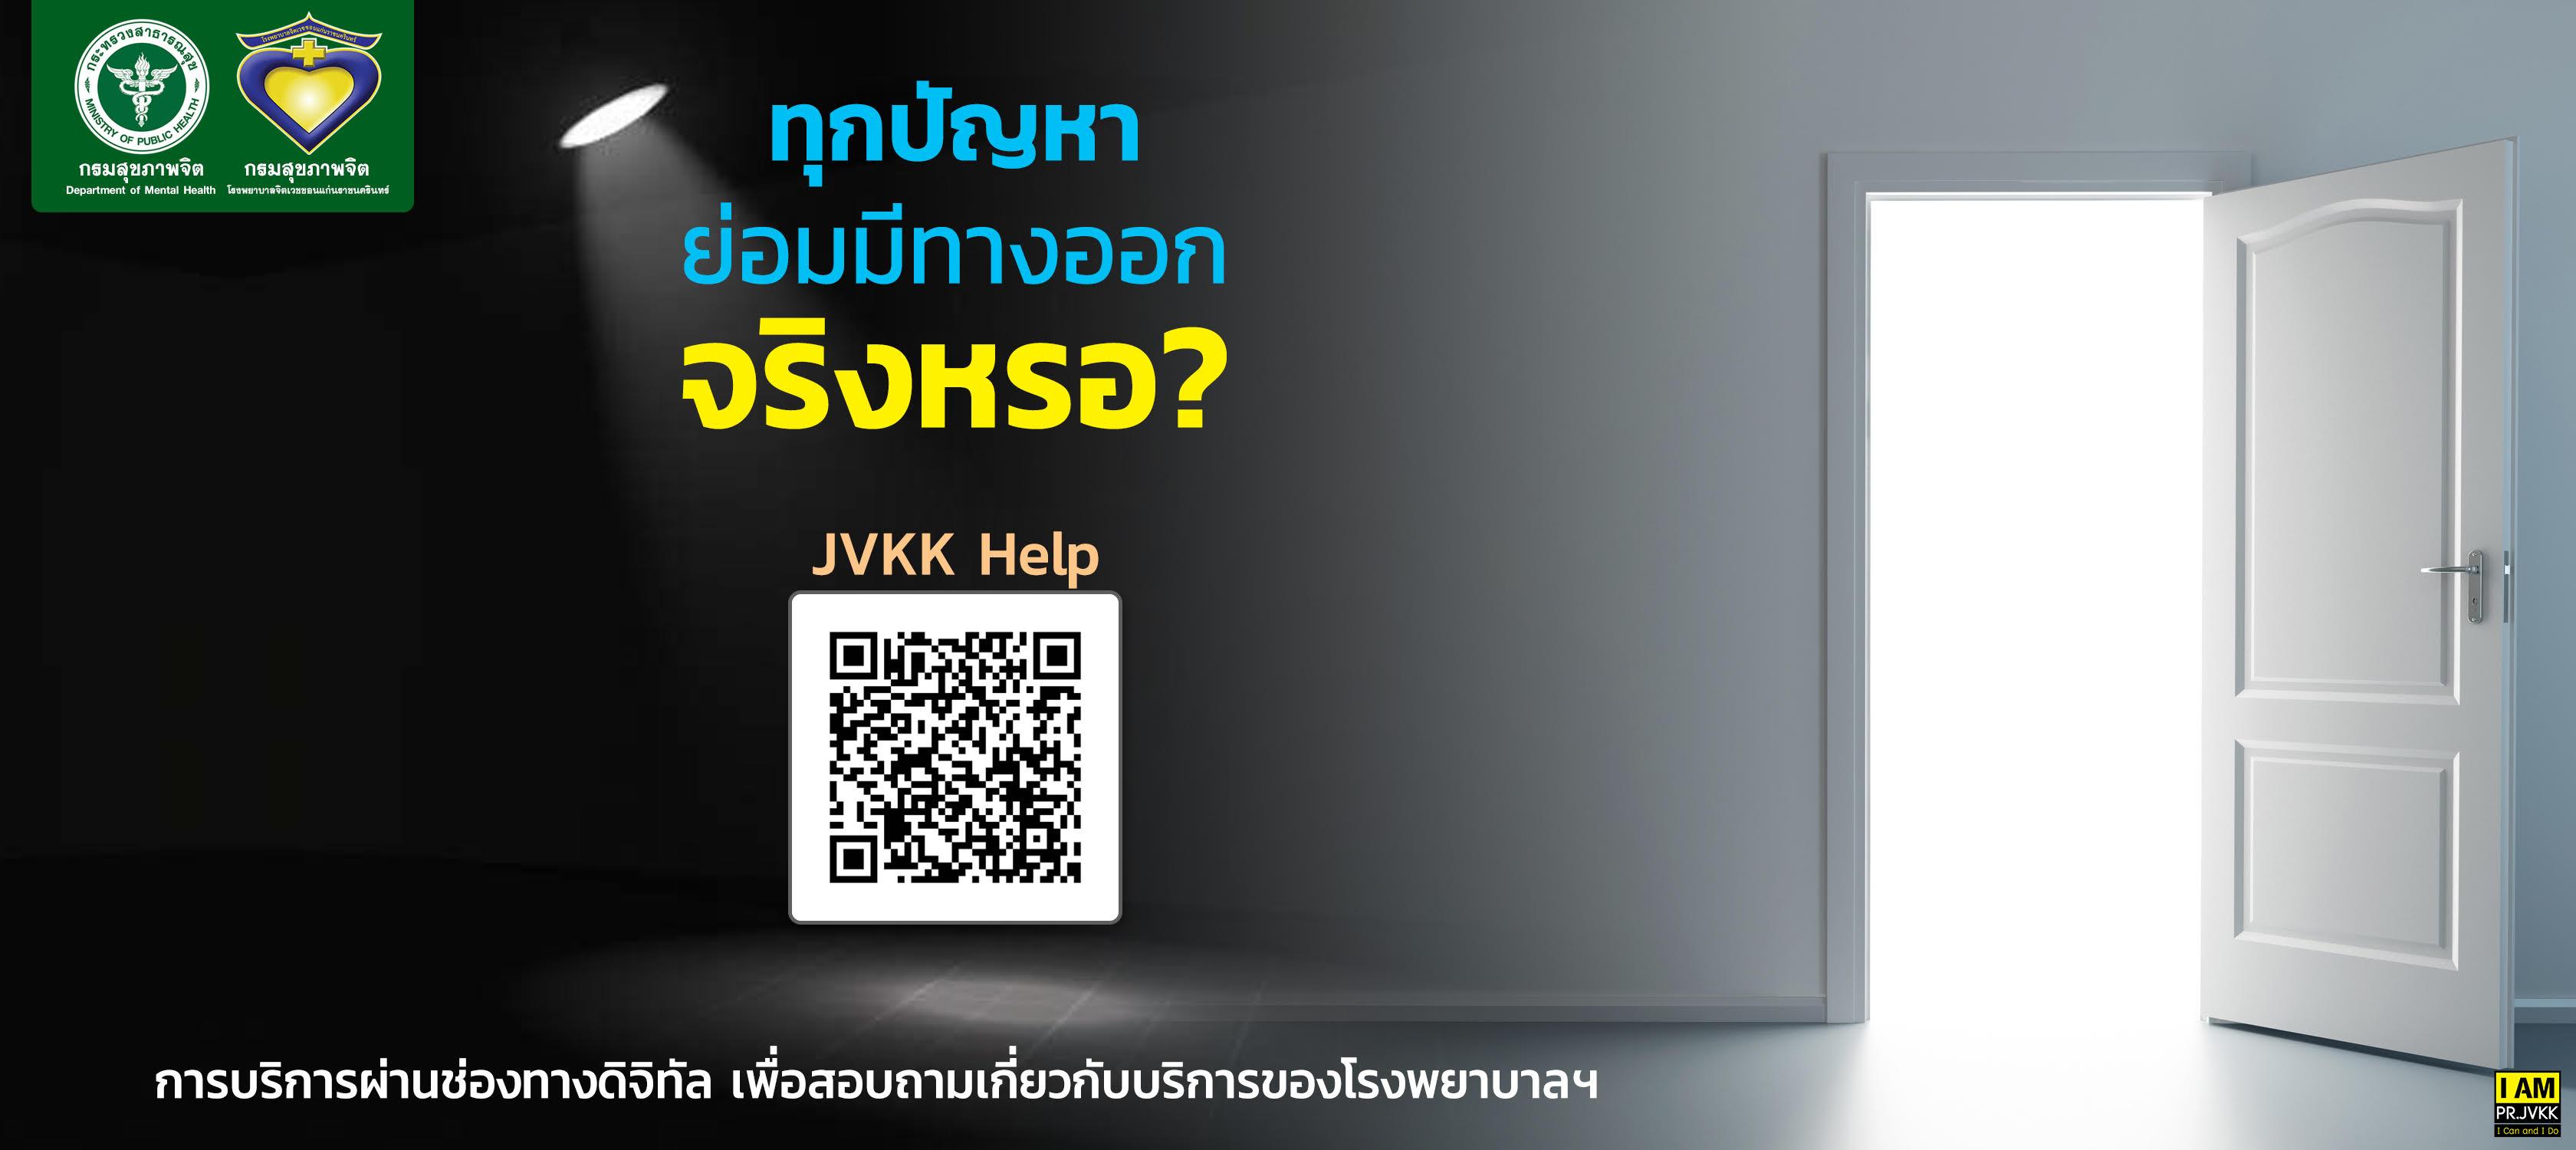 jvkk_help